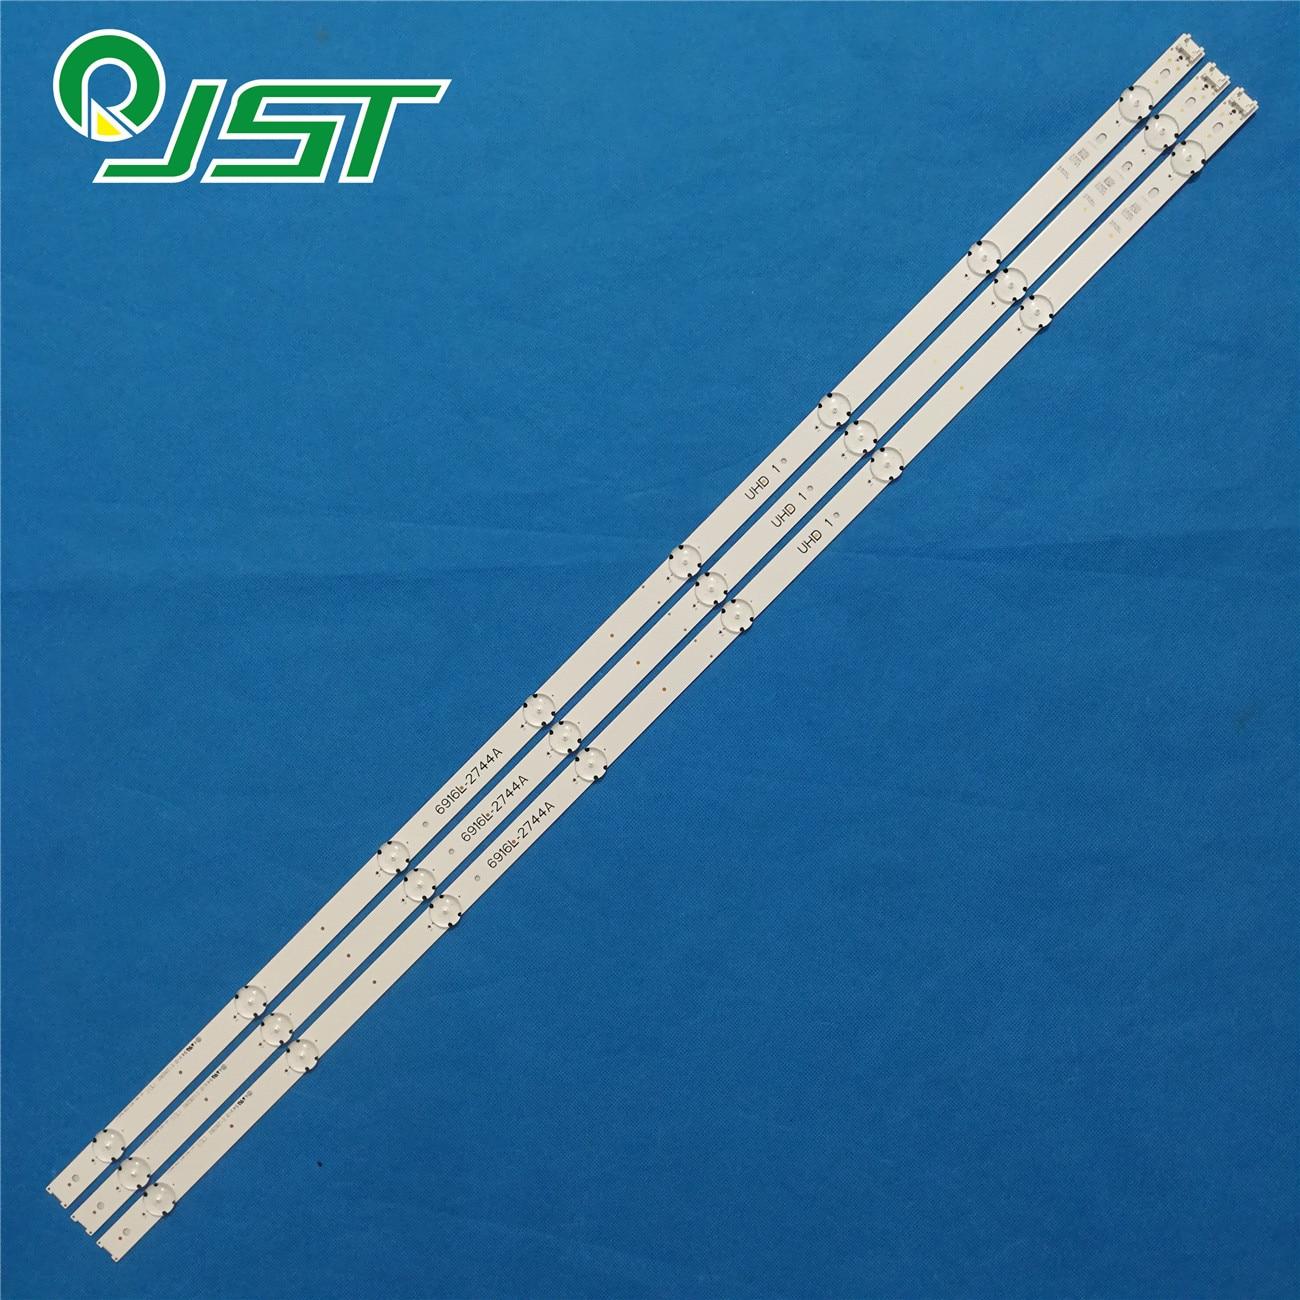 100% nova 36pcs = Kits de tiras de LED para LG 43 12 TV 43UH603V 43UH610A 43UH6030 UD LC430DGE FJ M2 6916L 2744A UHD 1 43 V16.5 ART3 2744